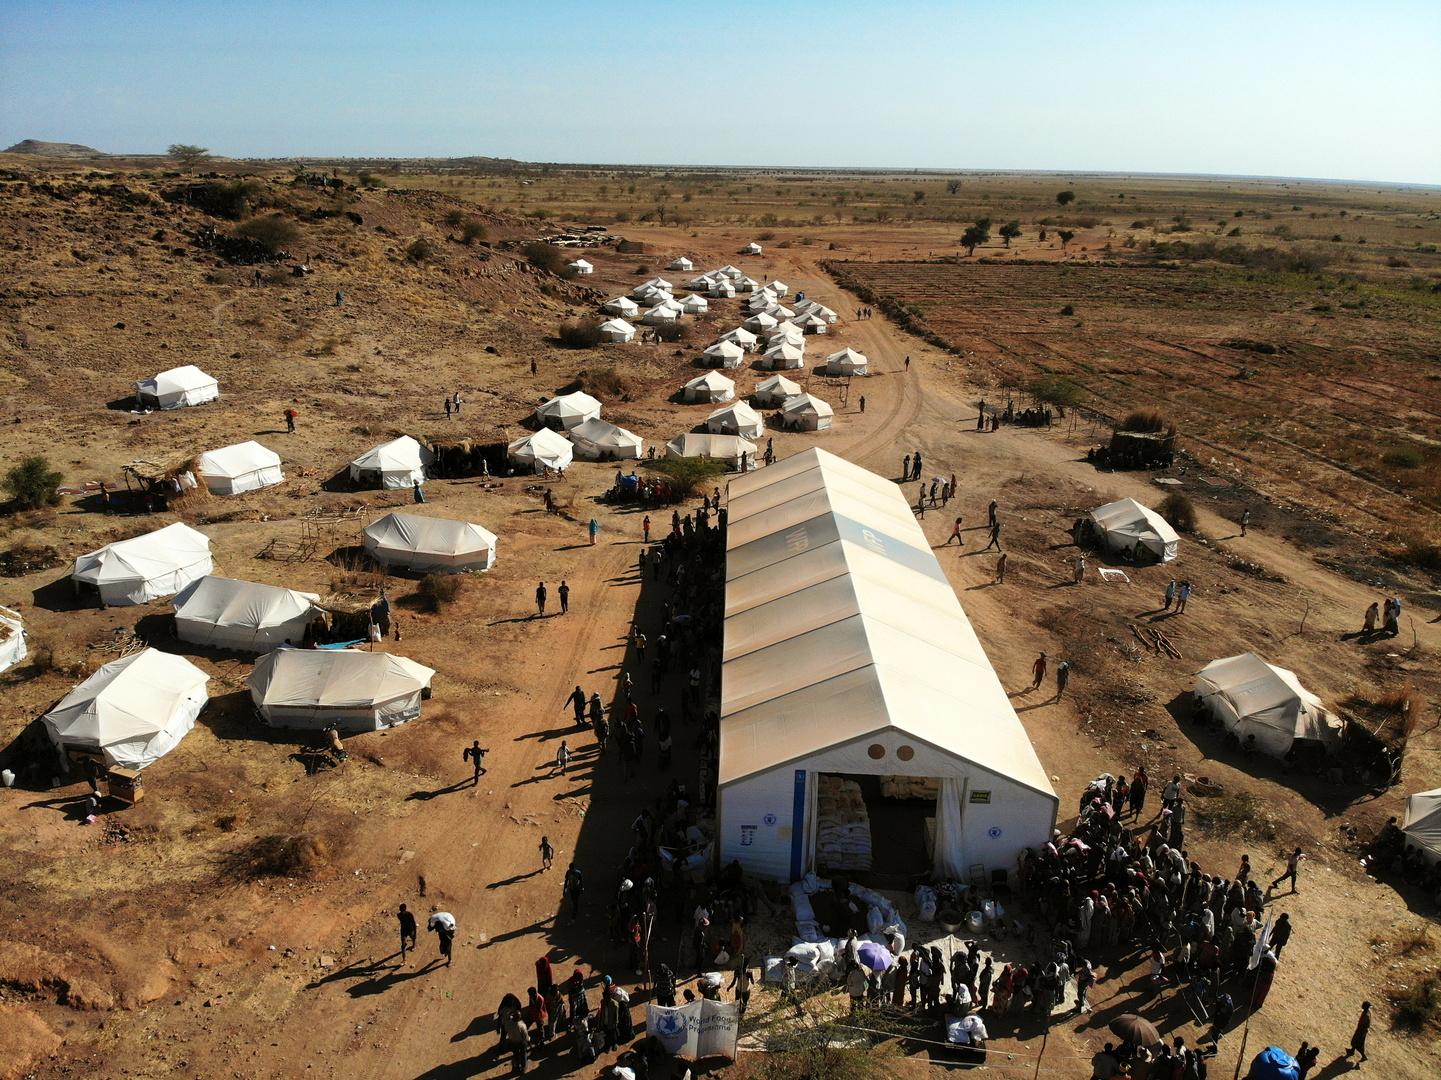 اللاجئون الإثيوبيون في مخيم أم راكوبة في السودان.